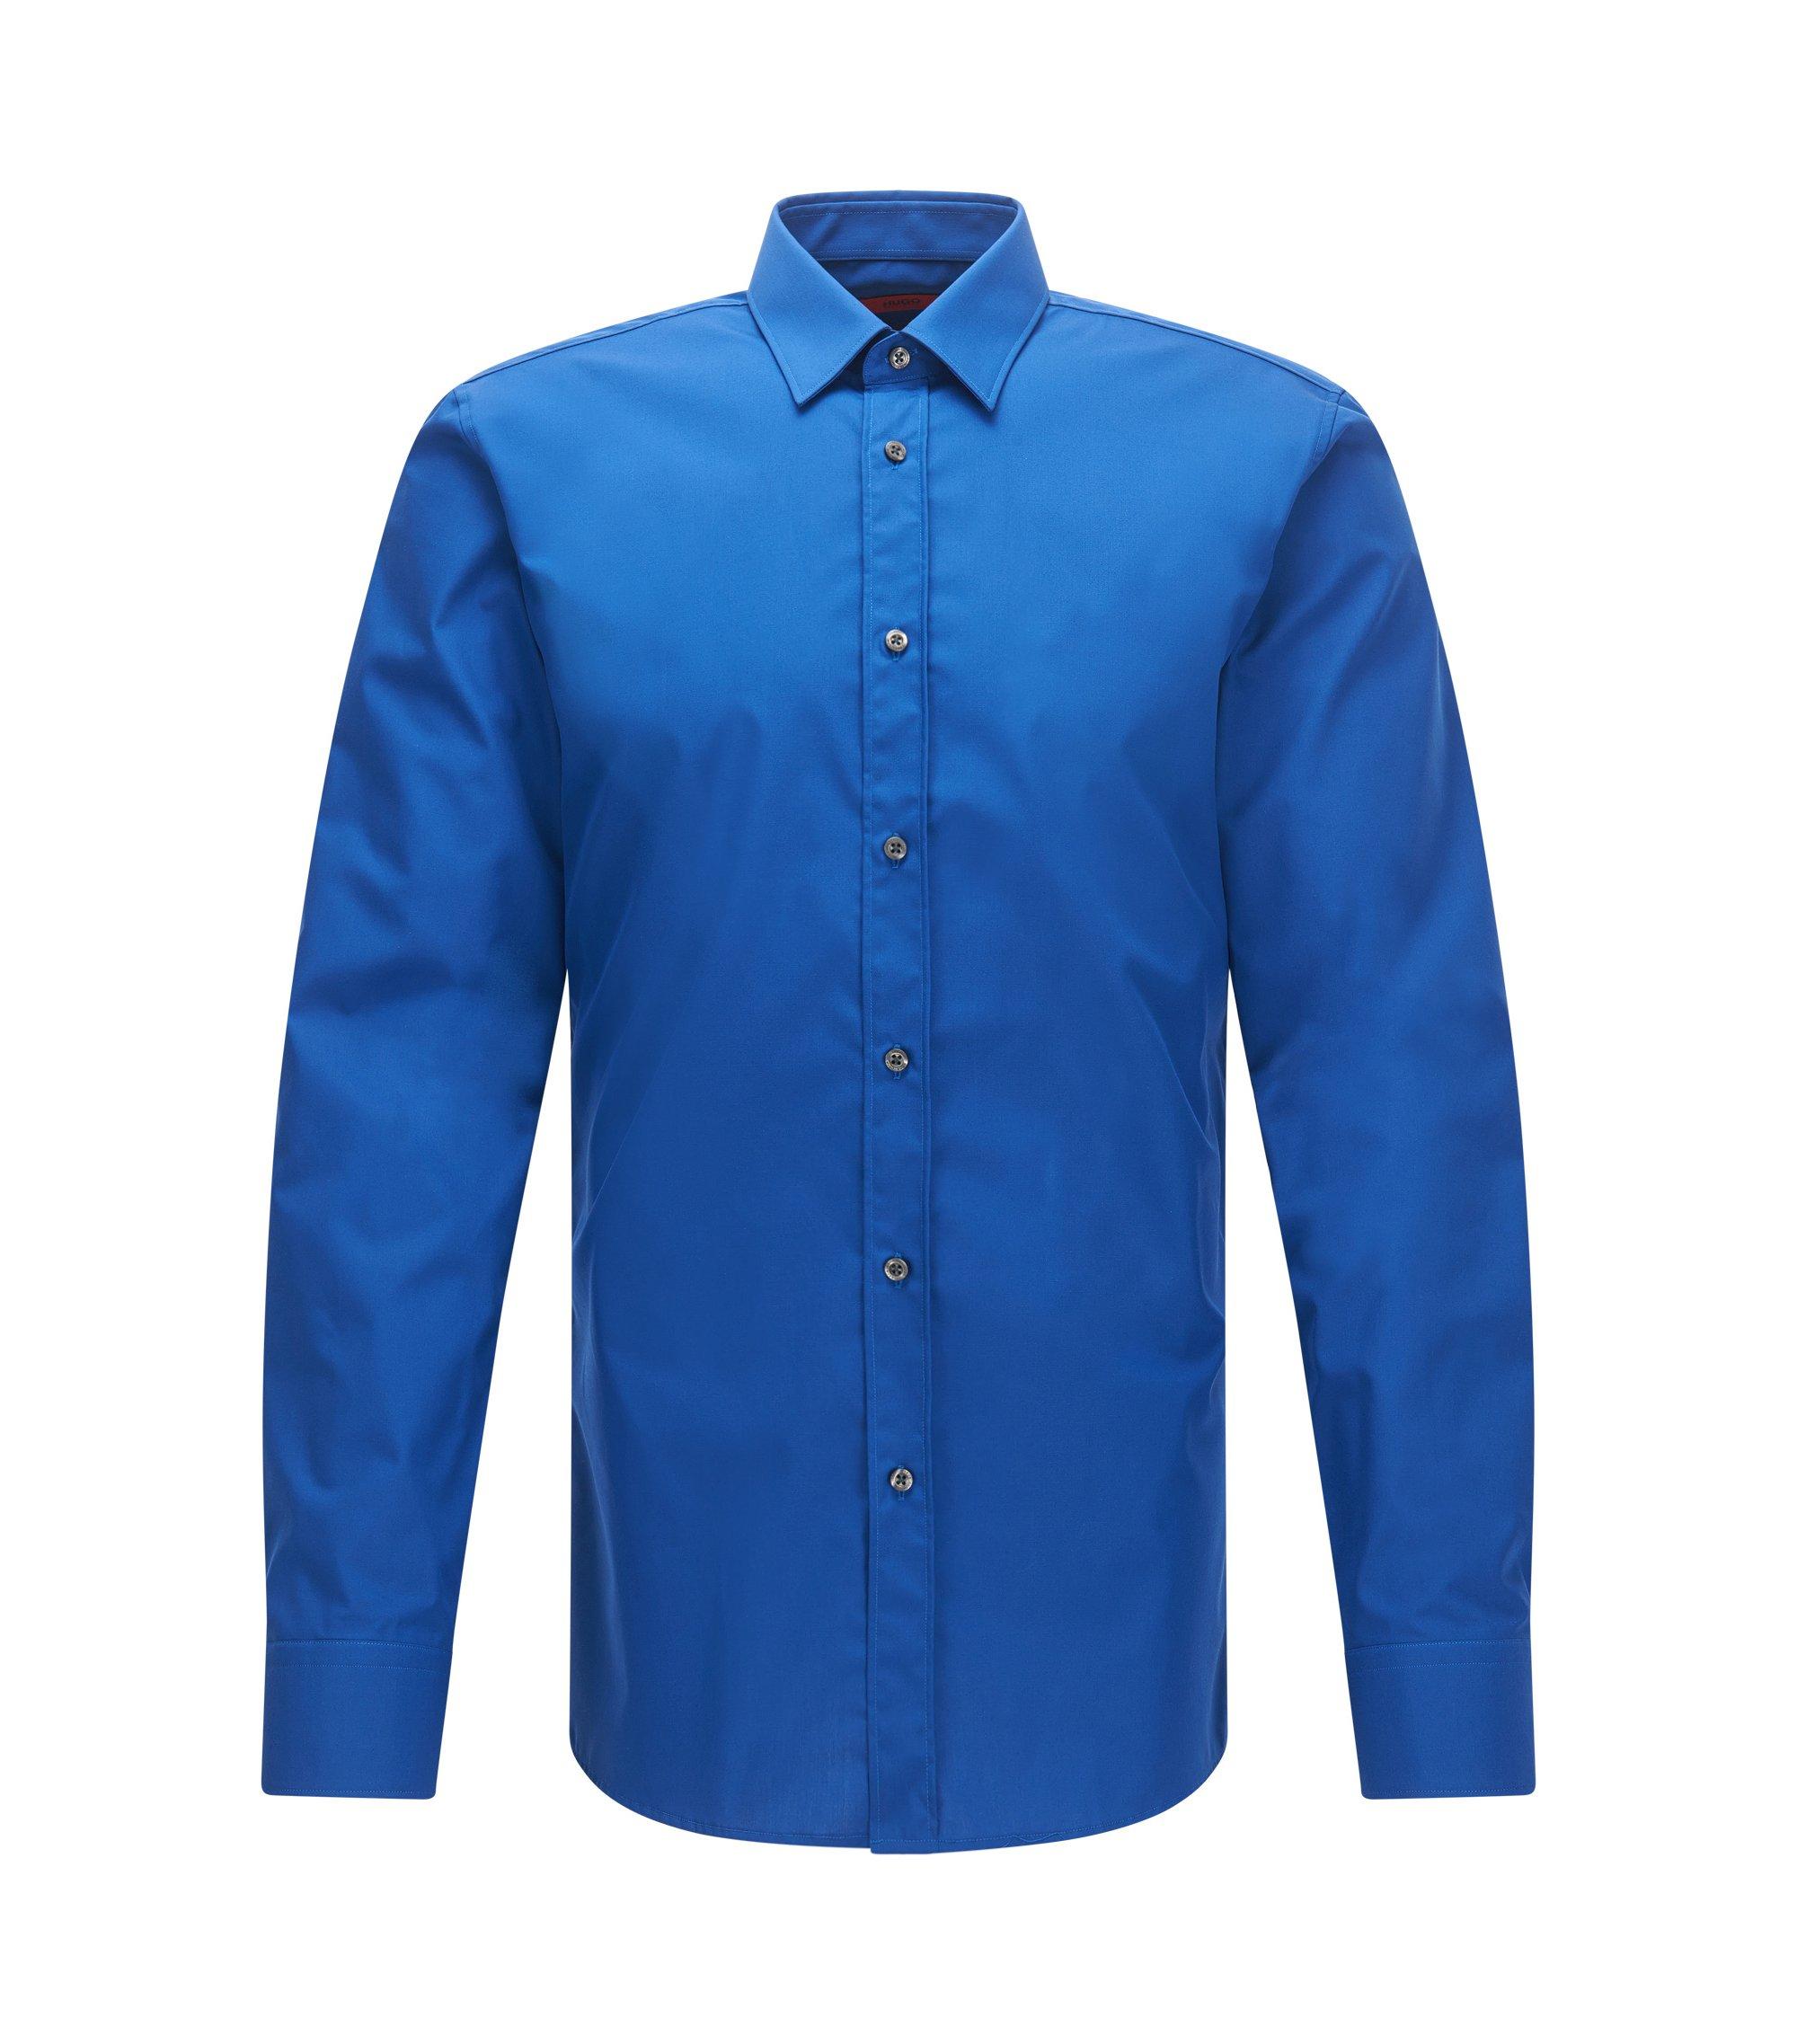 Extra Slim-Fit Hemd aus Baumwolle mit Kentkragen, Blau